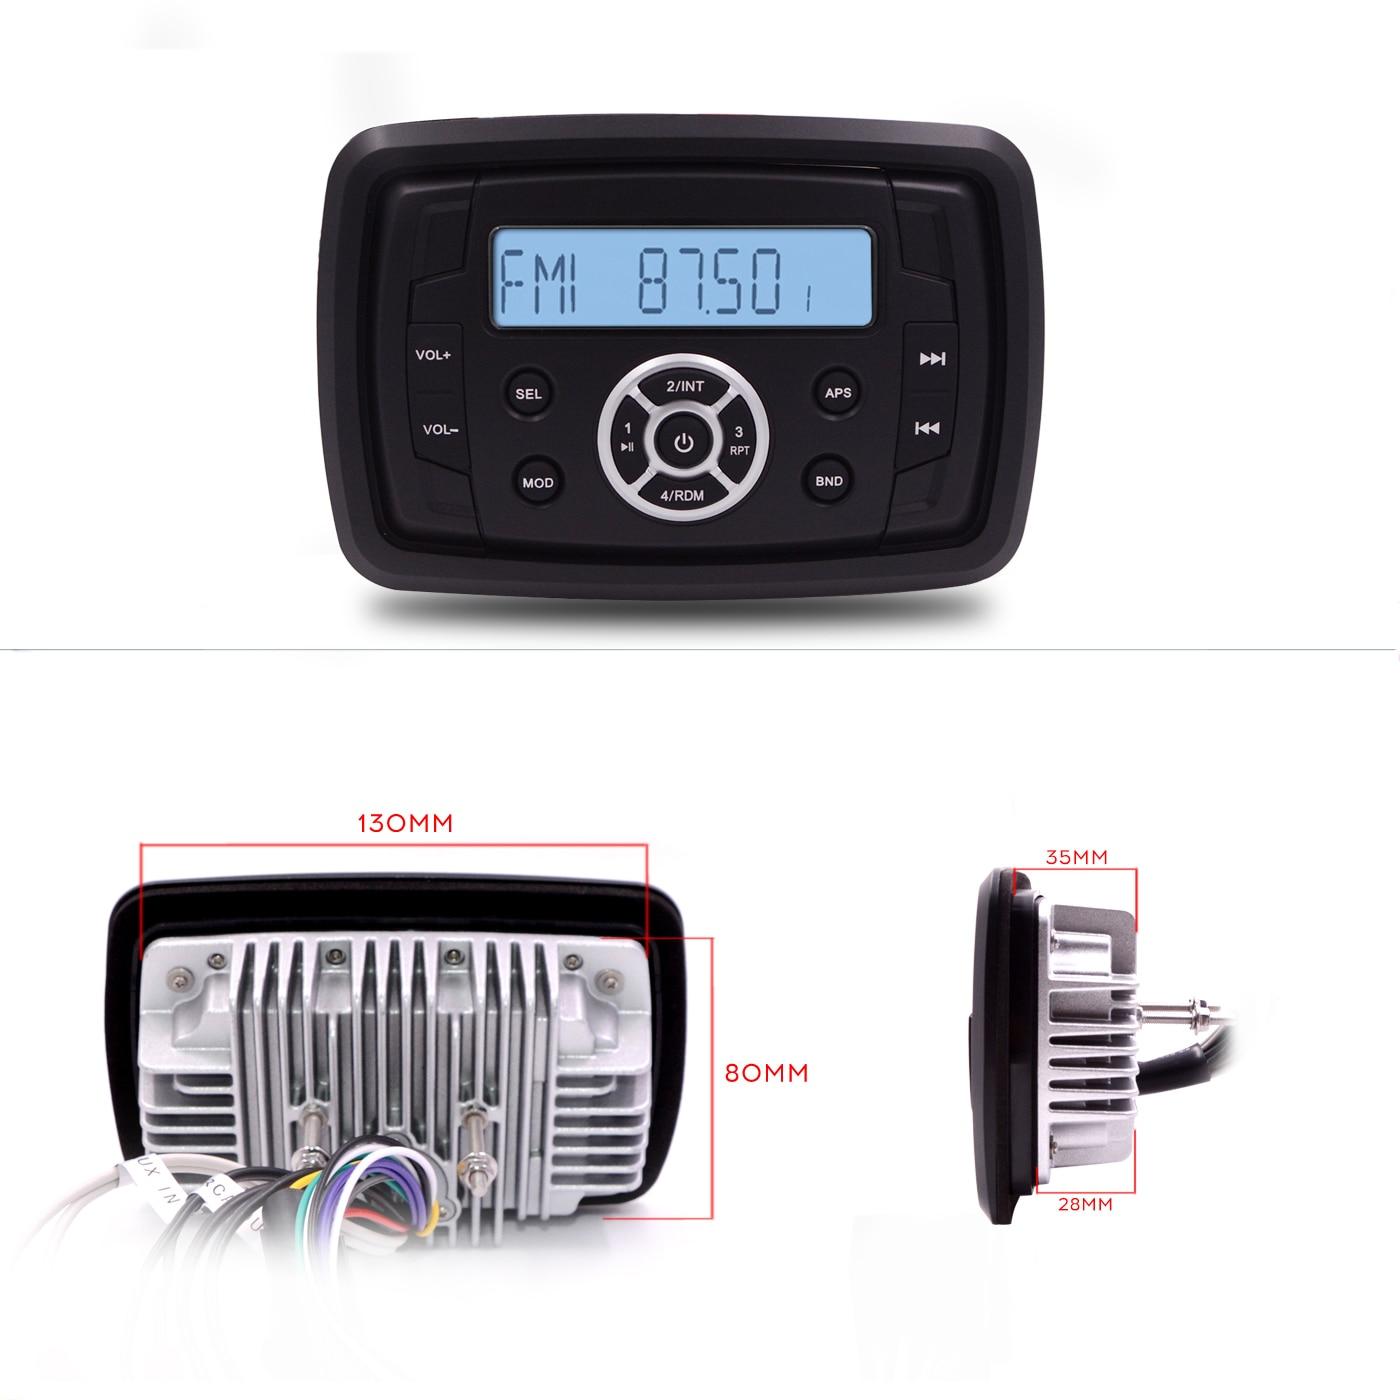 Guzare Marine moto étanche stéréo Bluetooth Radio voiture lecteur MP3 FM AM Radio étanche stéréo voiture ATV UTV bateau